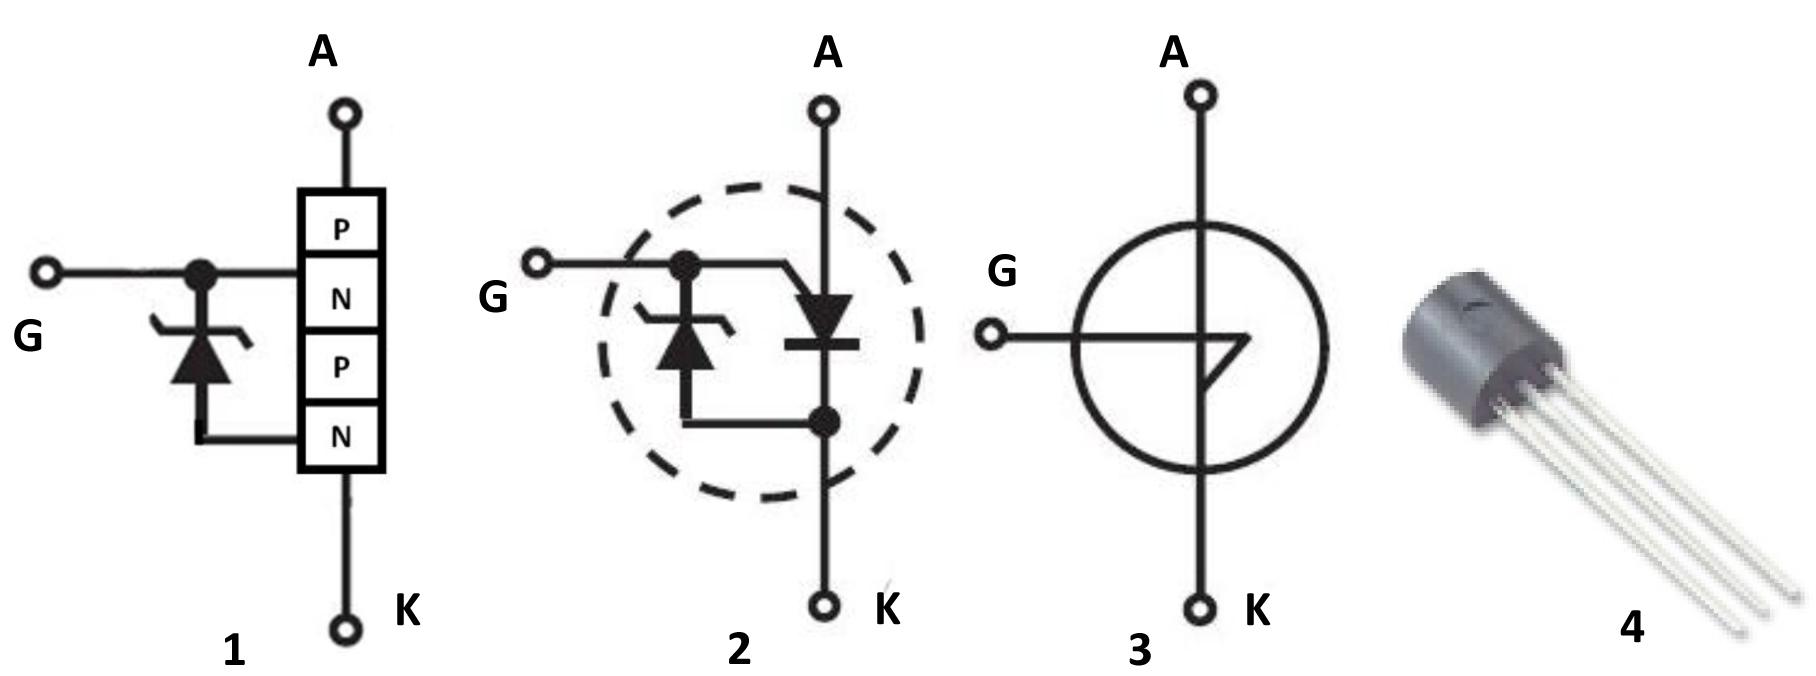 Circuito Zener : File:interruptor unilateral de silicio 3 3.jpg wikimedia commons